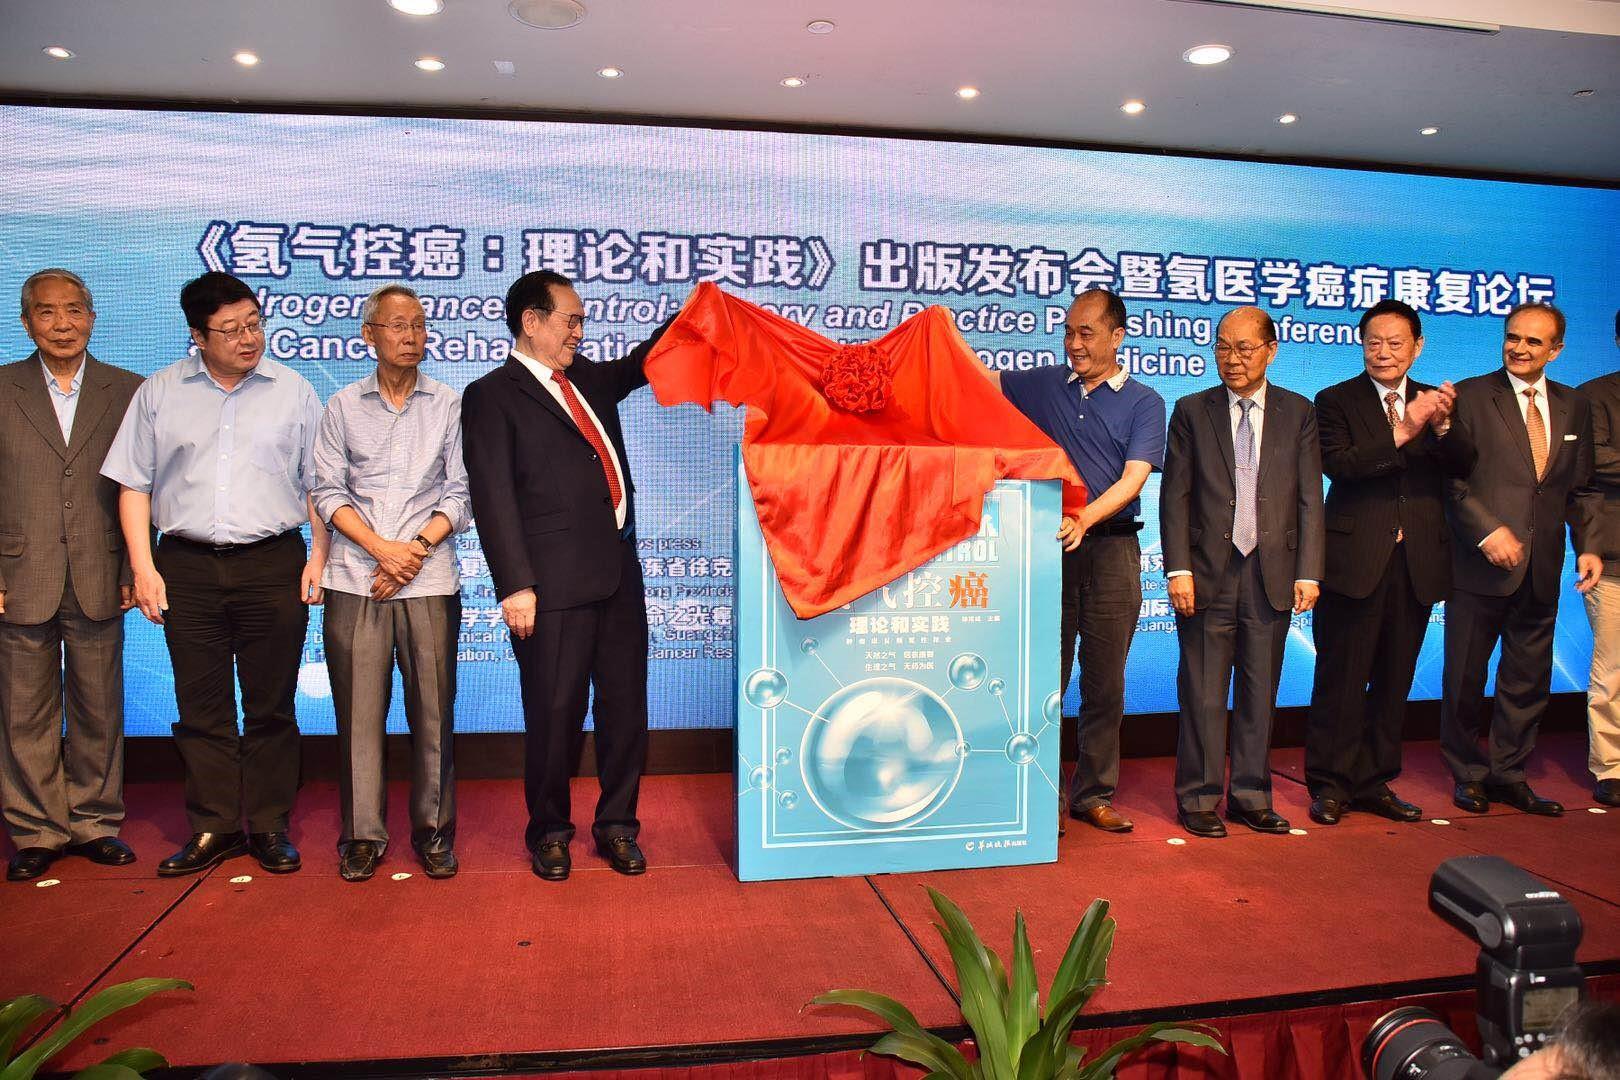 《氢气控癌:理论和实践》新书发布会在广州举行